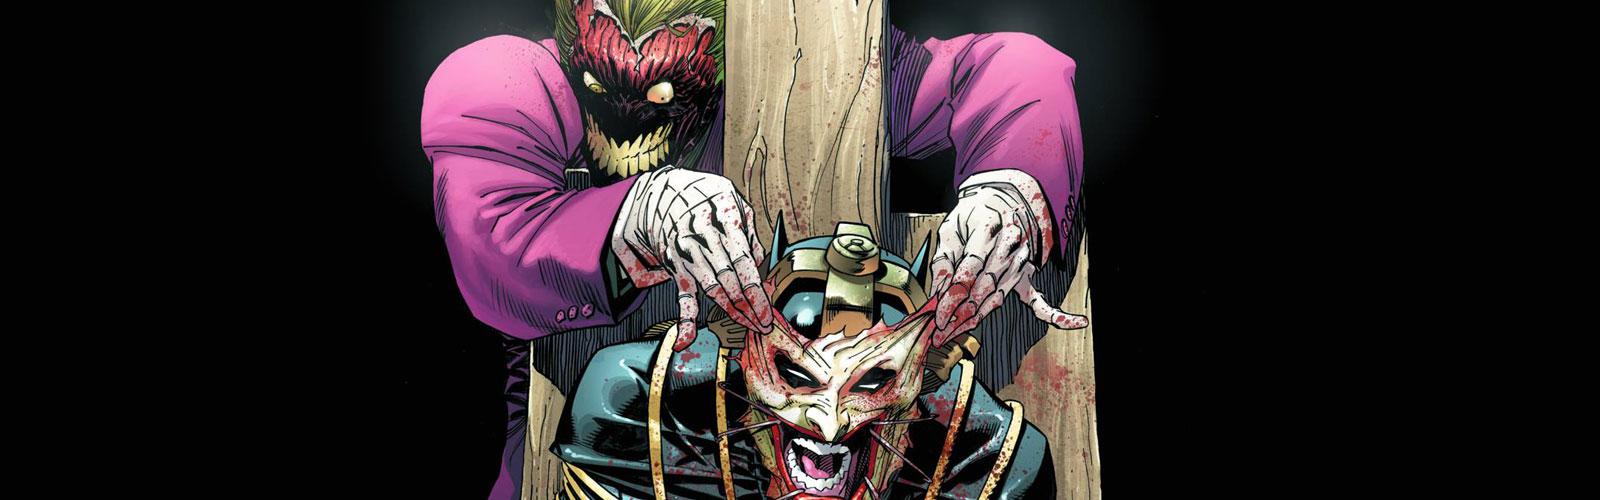 New Releases - 25-02-15: Batman #39